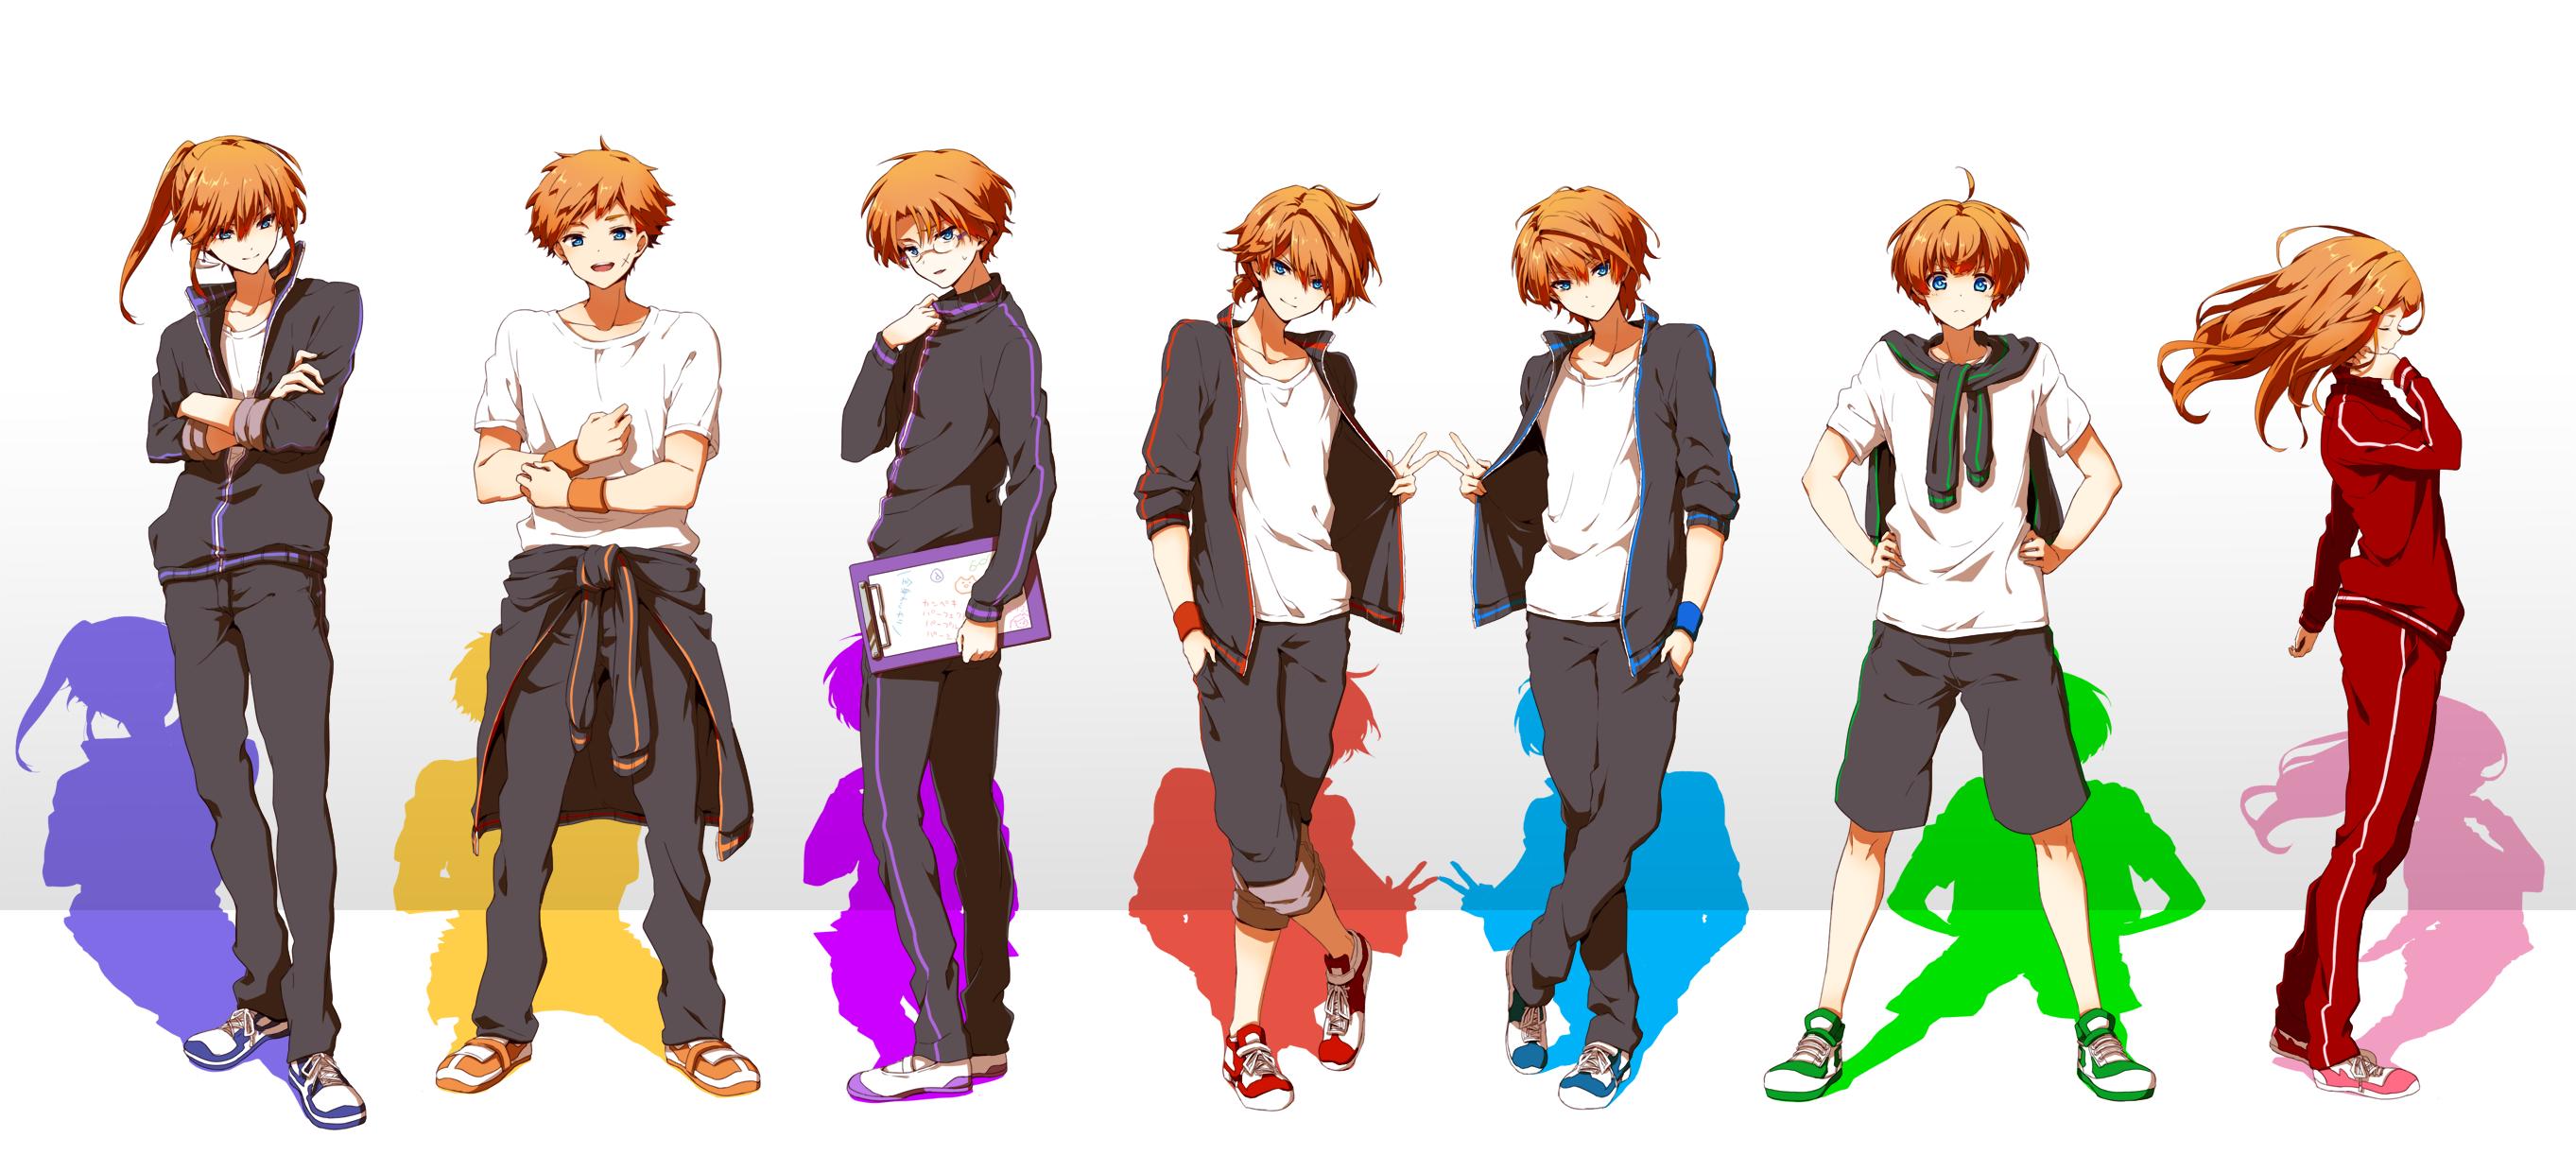 Percy Weasley, Fanart - Zerochan Anime Image Board